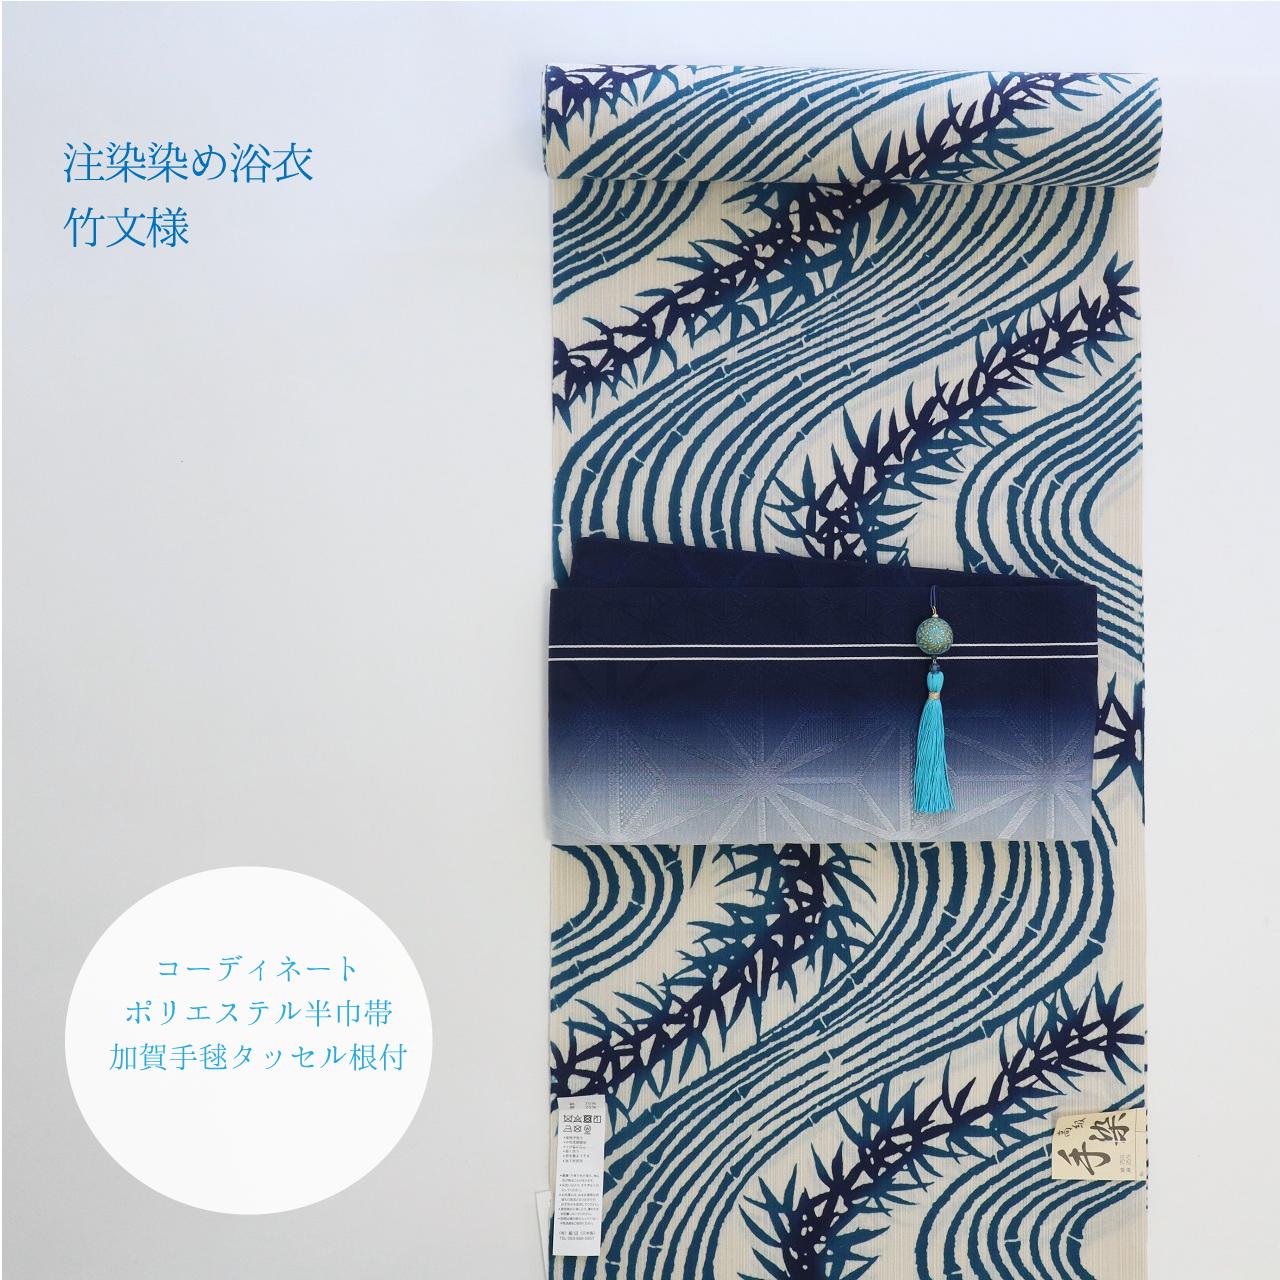 【ゆかた 浴衣 反物】竹文様 青 注染染め 綿麻浴衣